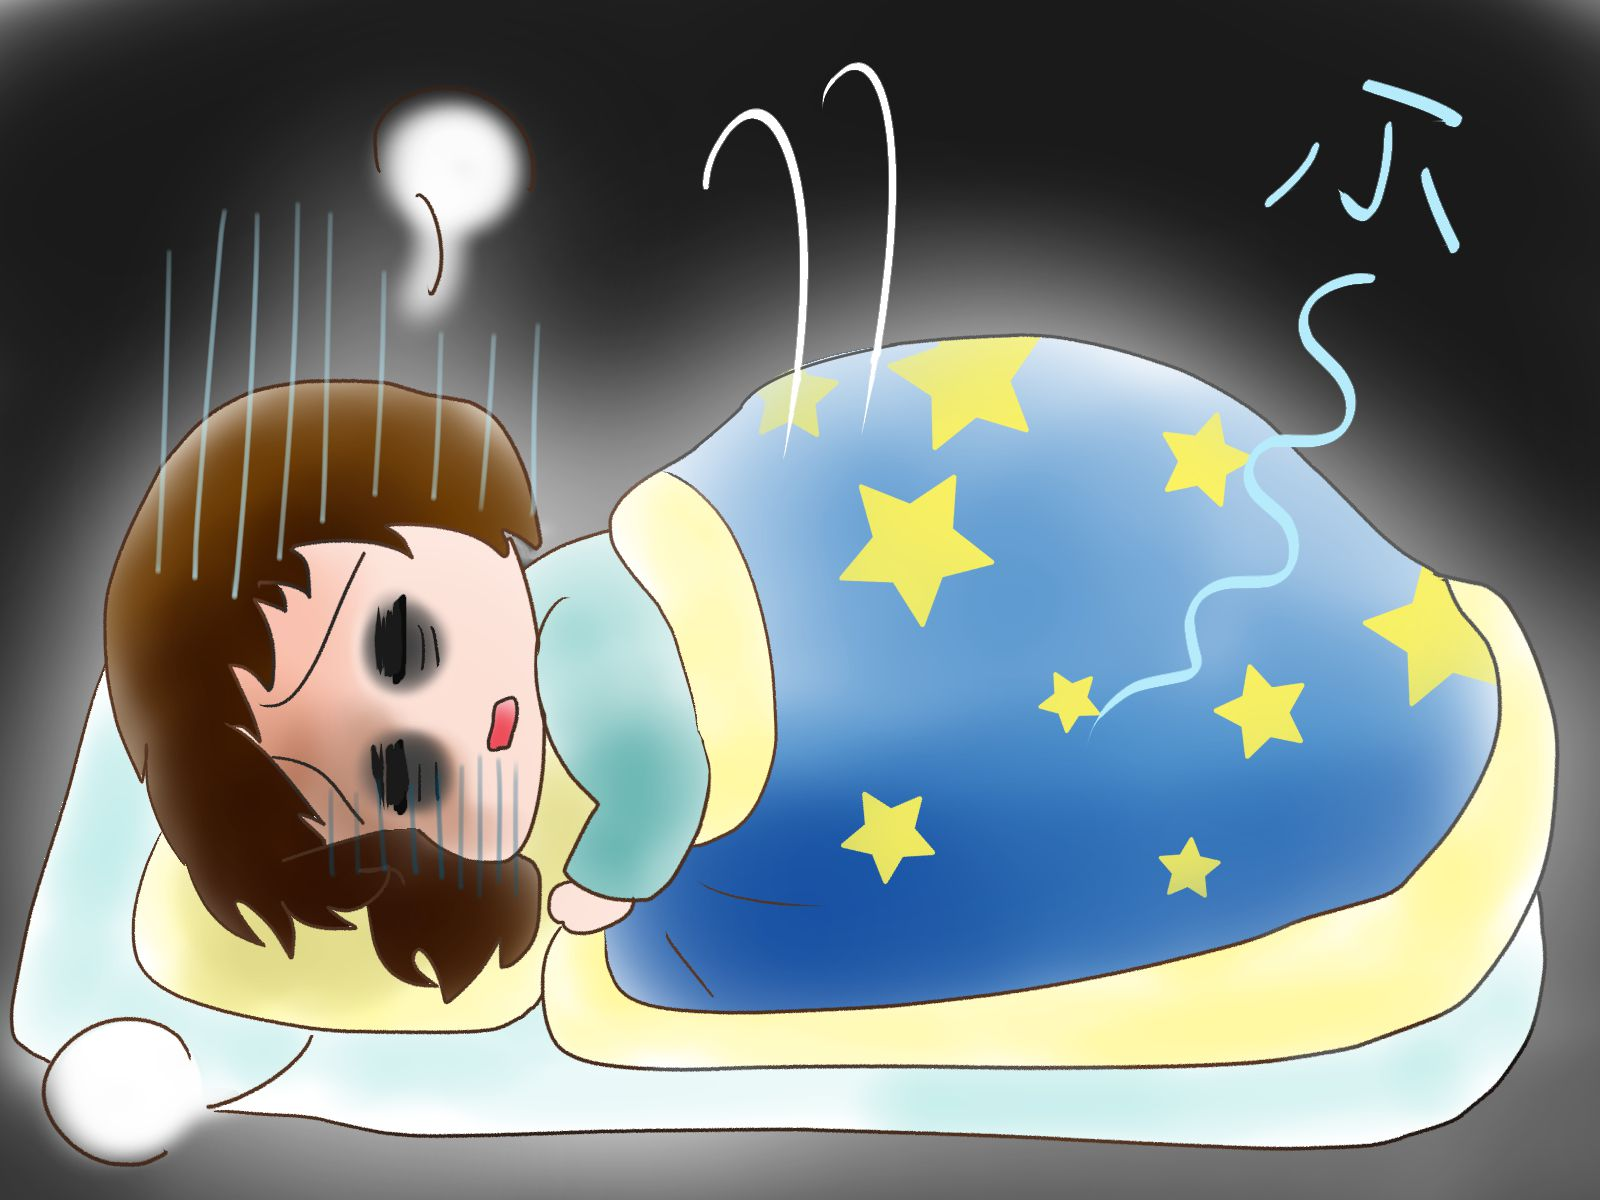 眠れない人を、あっさりと眠らせる秘策とは?